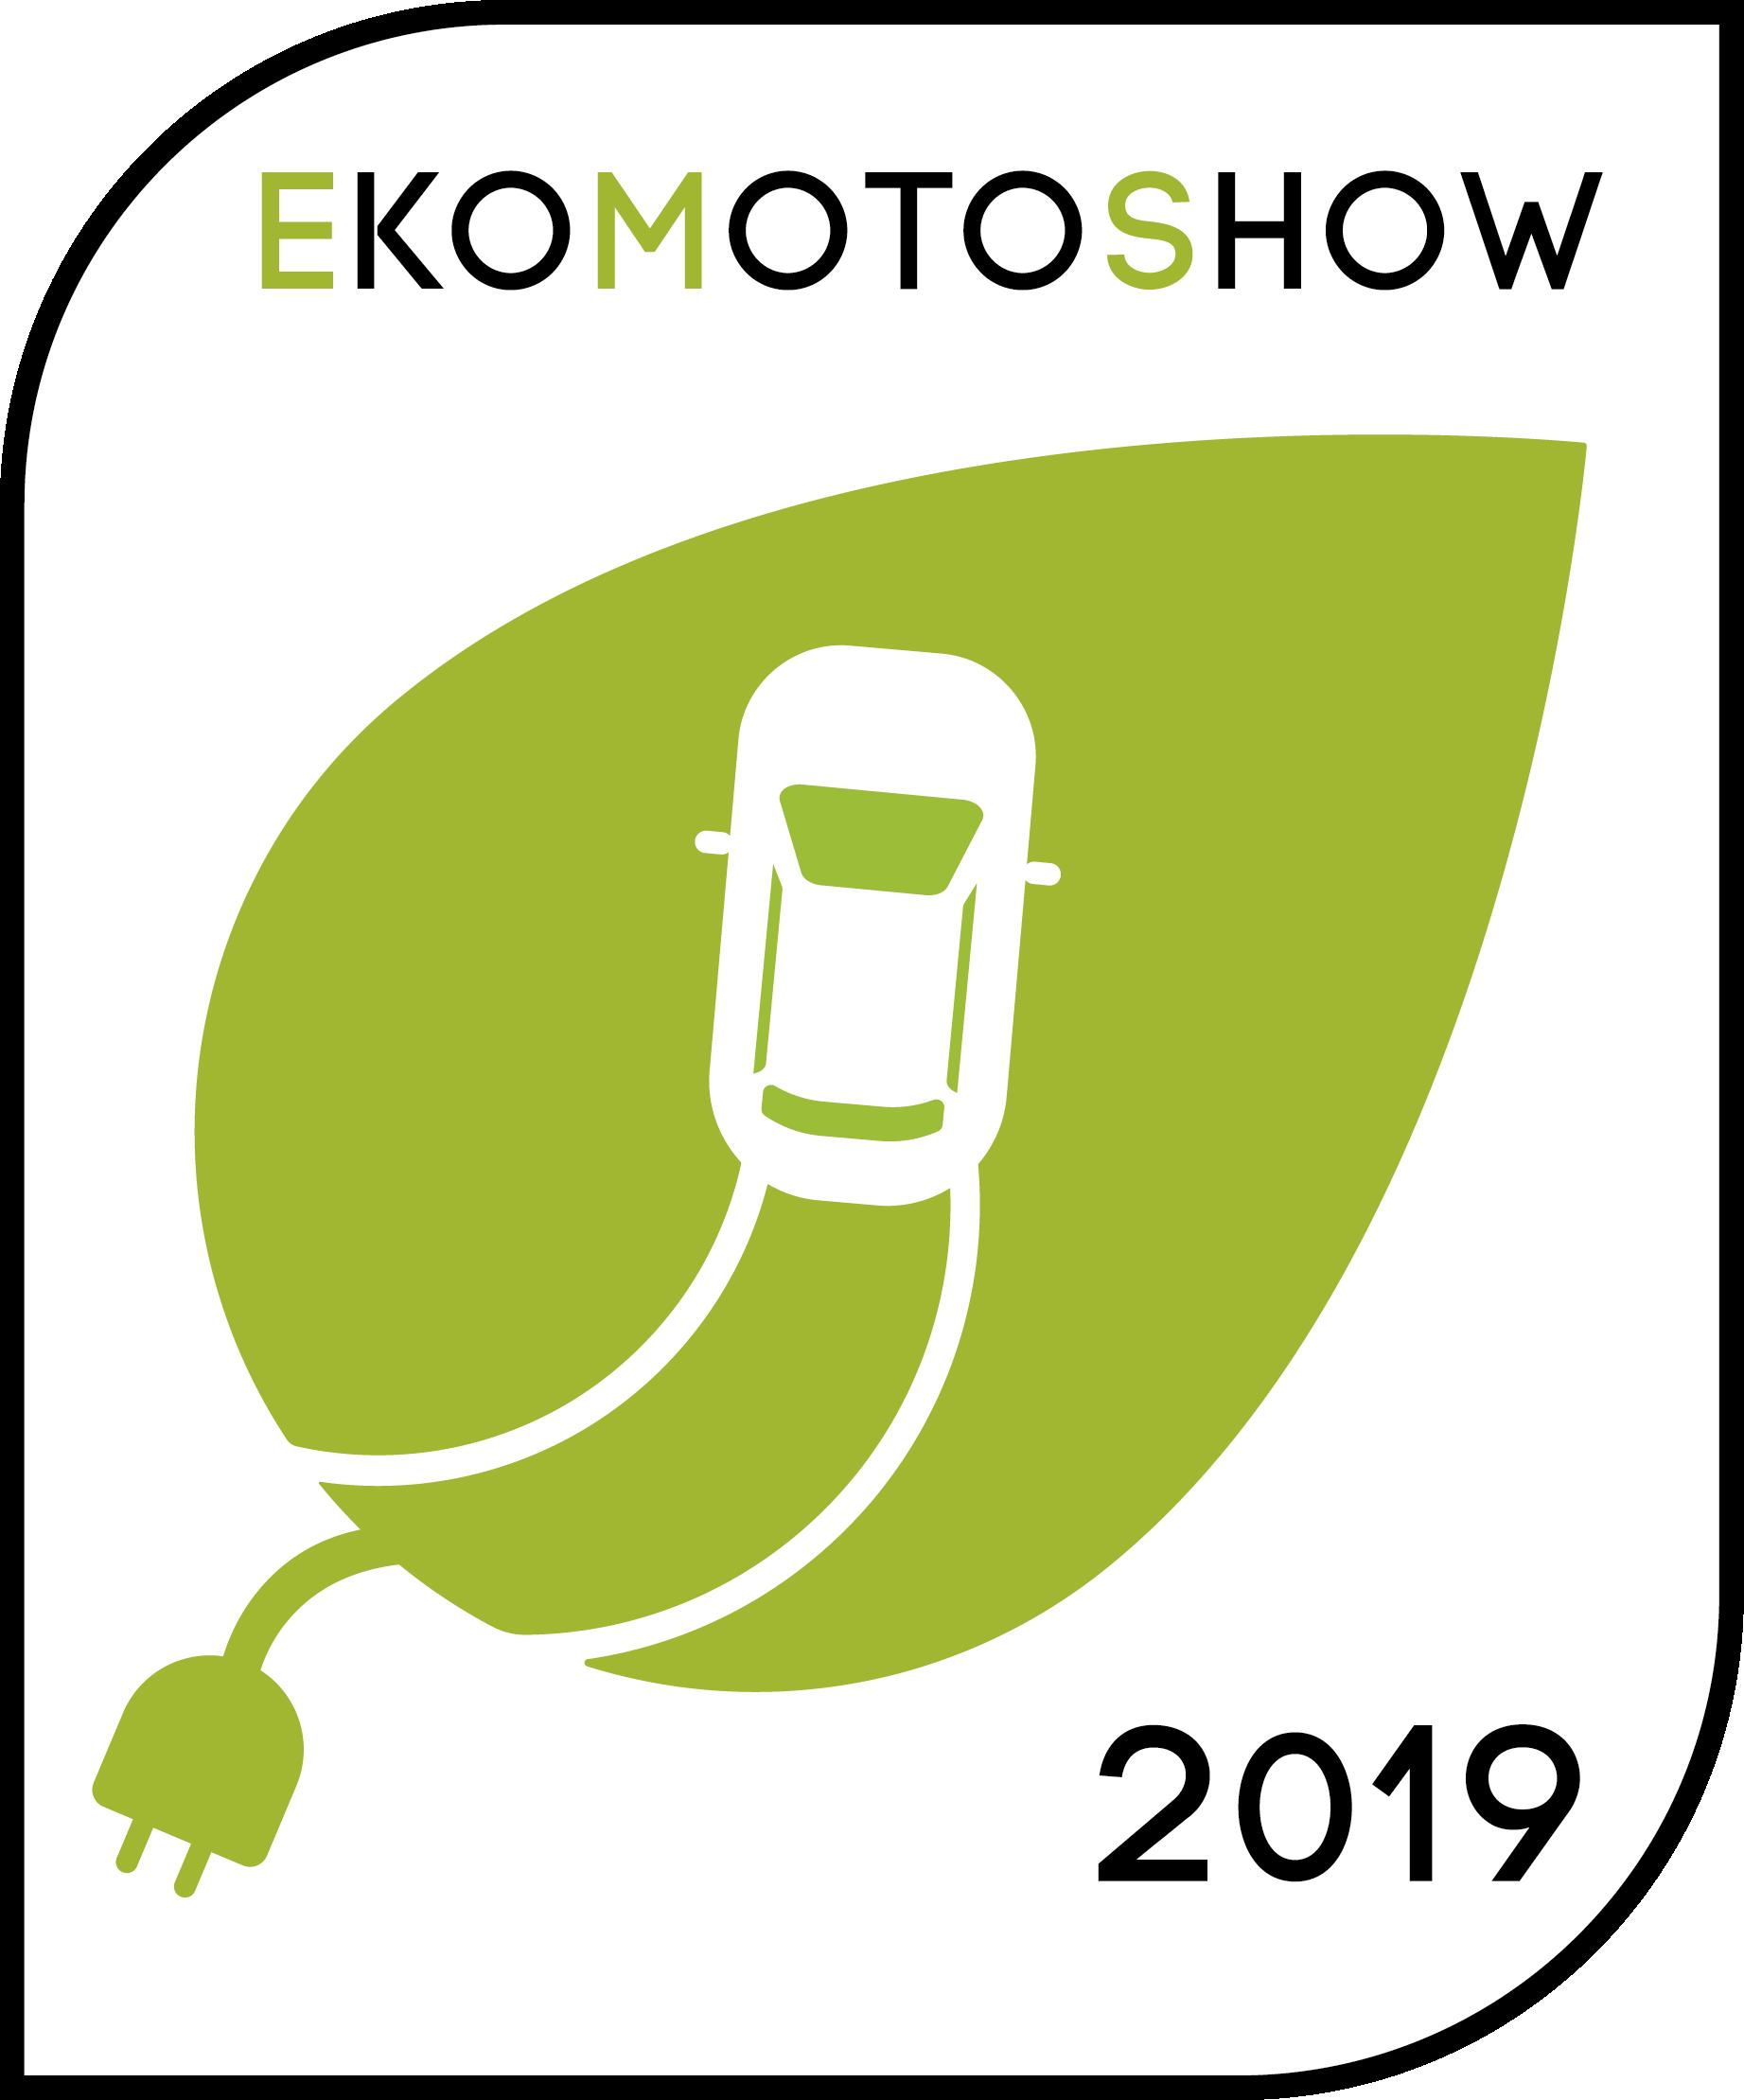 Zlot caravaningowy EkoMotoShow 2019